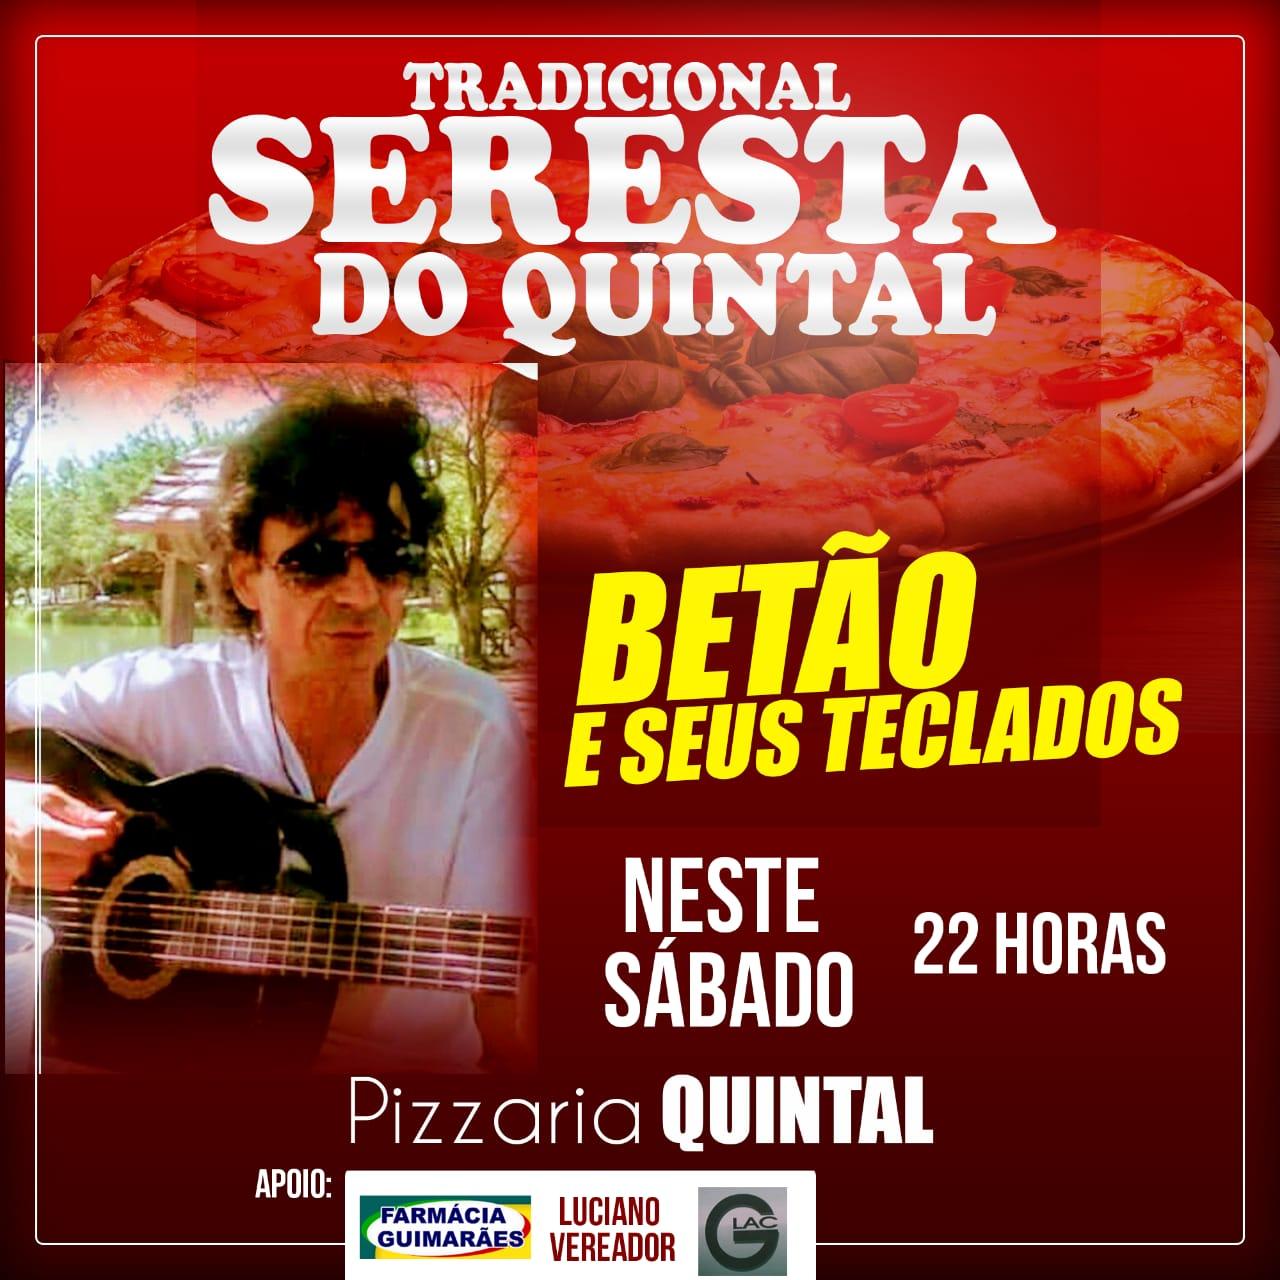 Neste sábado tem seresta  com Betão na Pizzaria Quintal em Rio de Contas